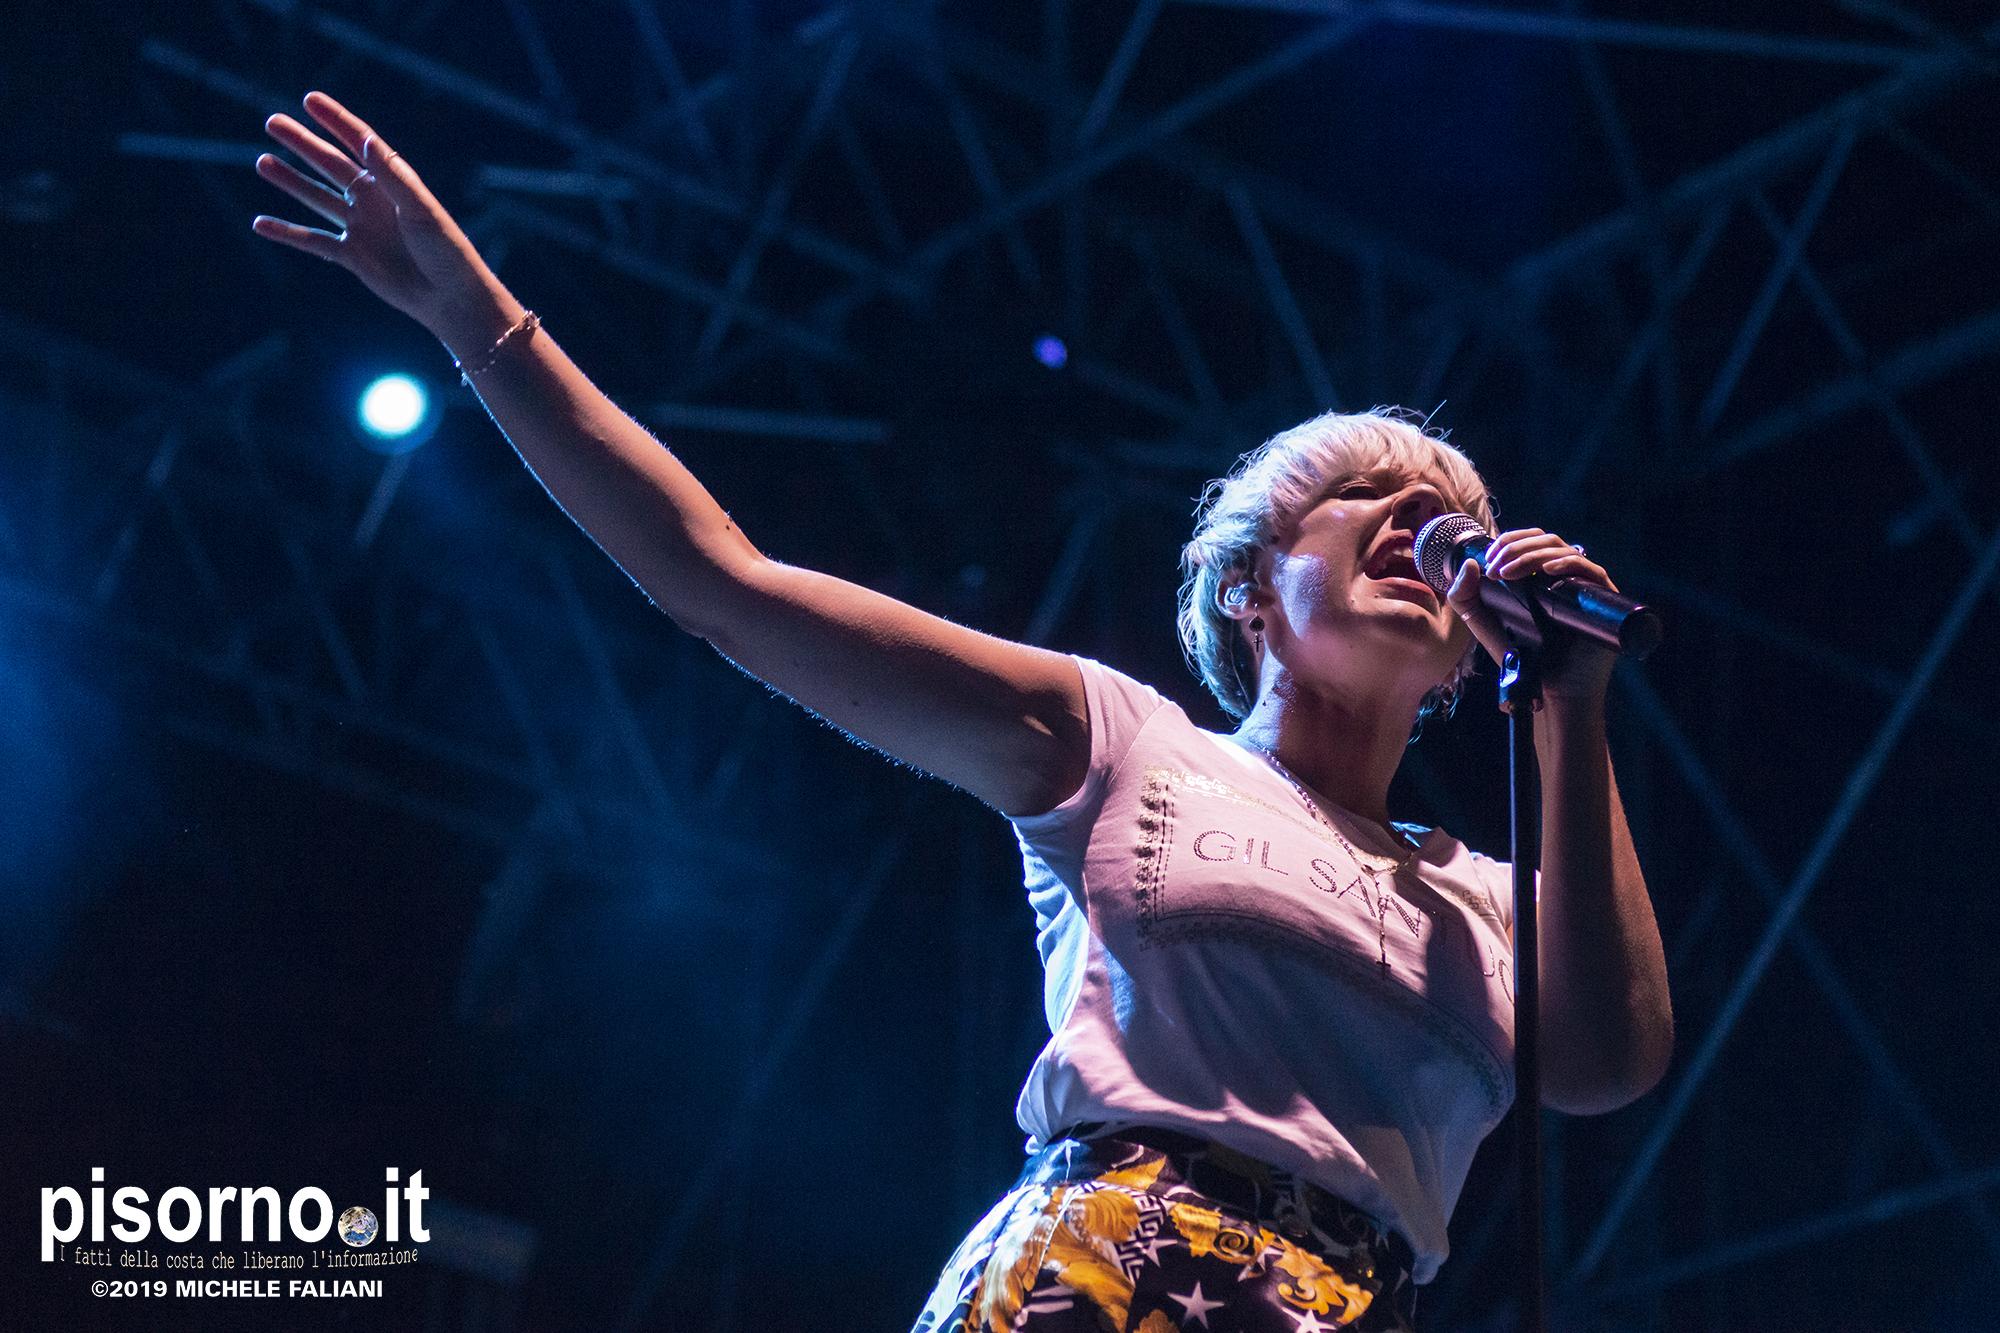 Eliza G live @ Arena della Versilia, August 14th 2019